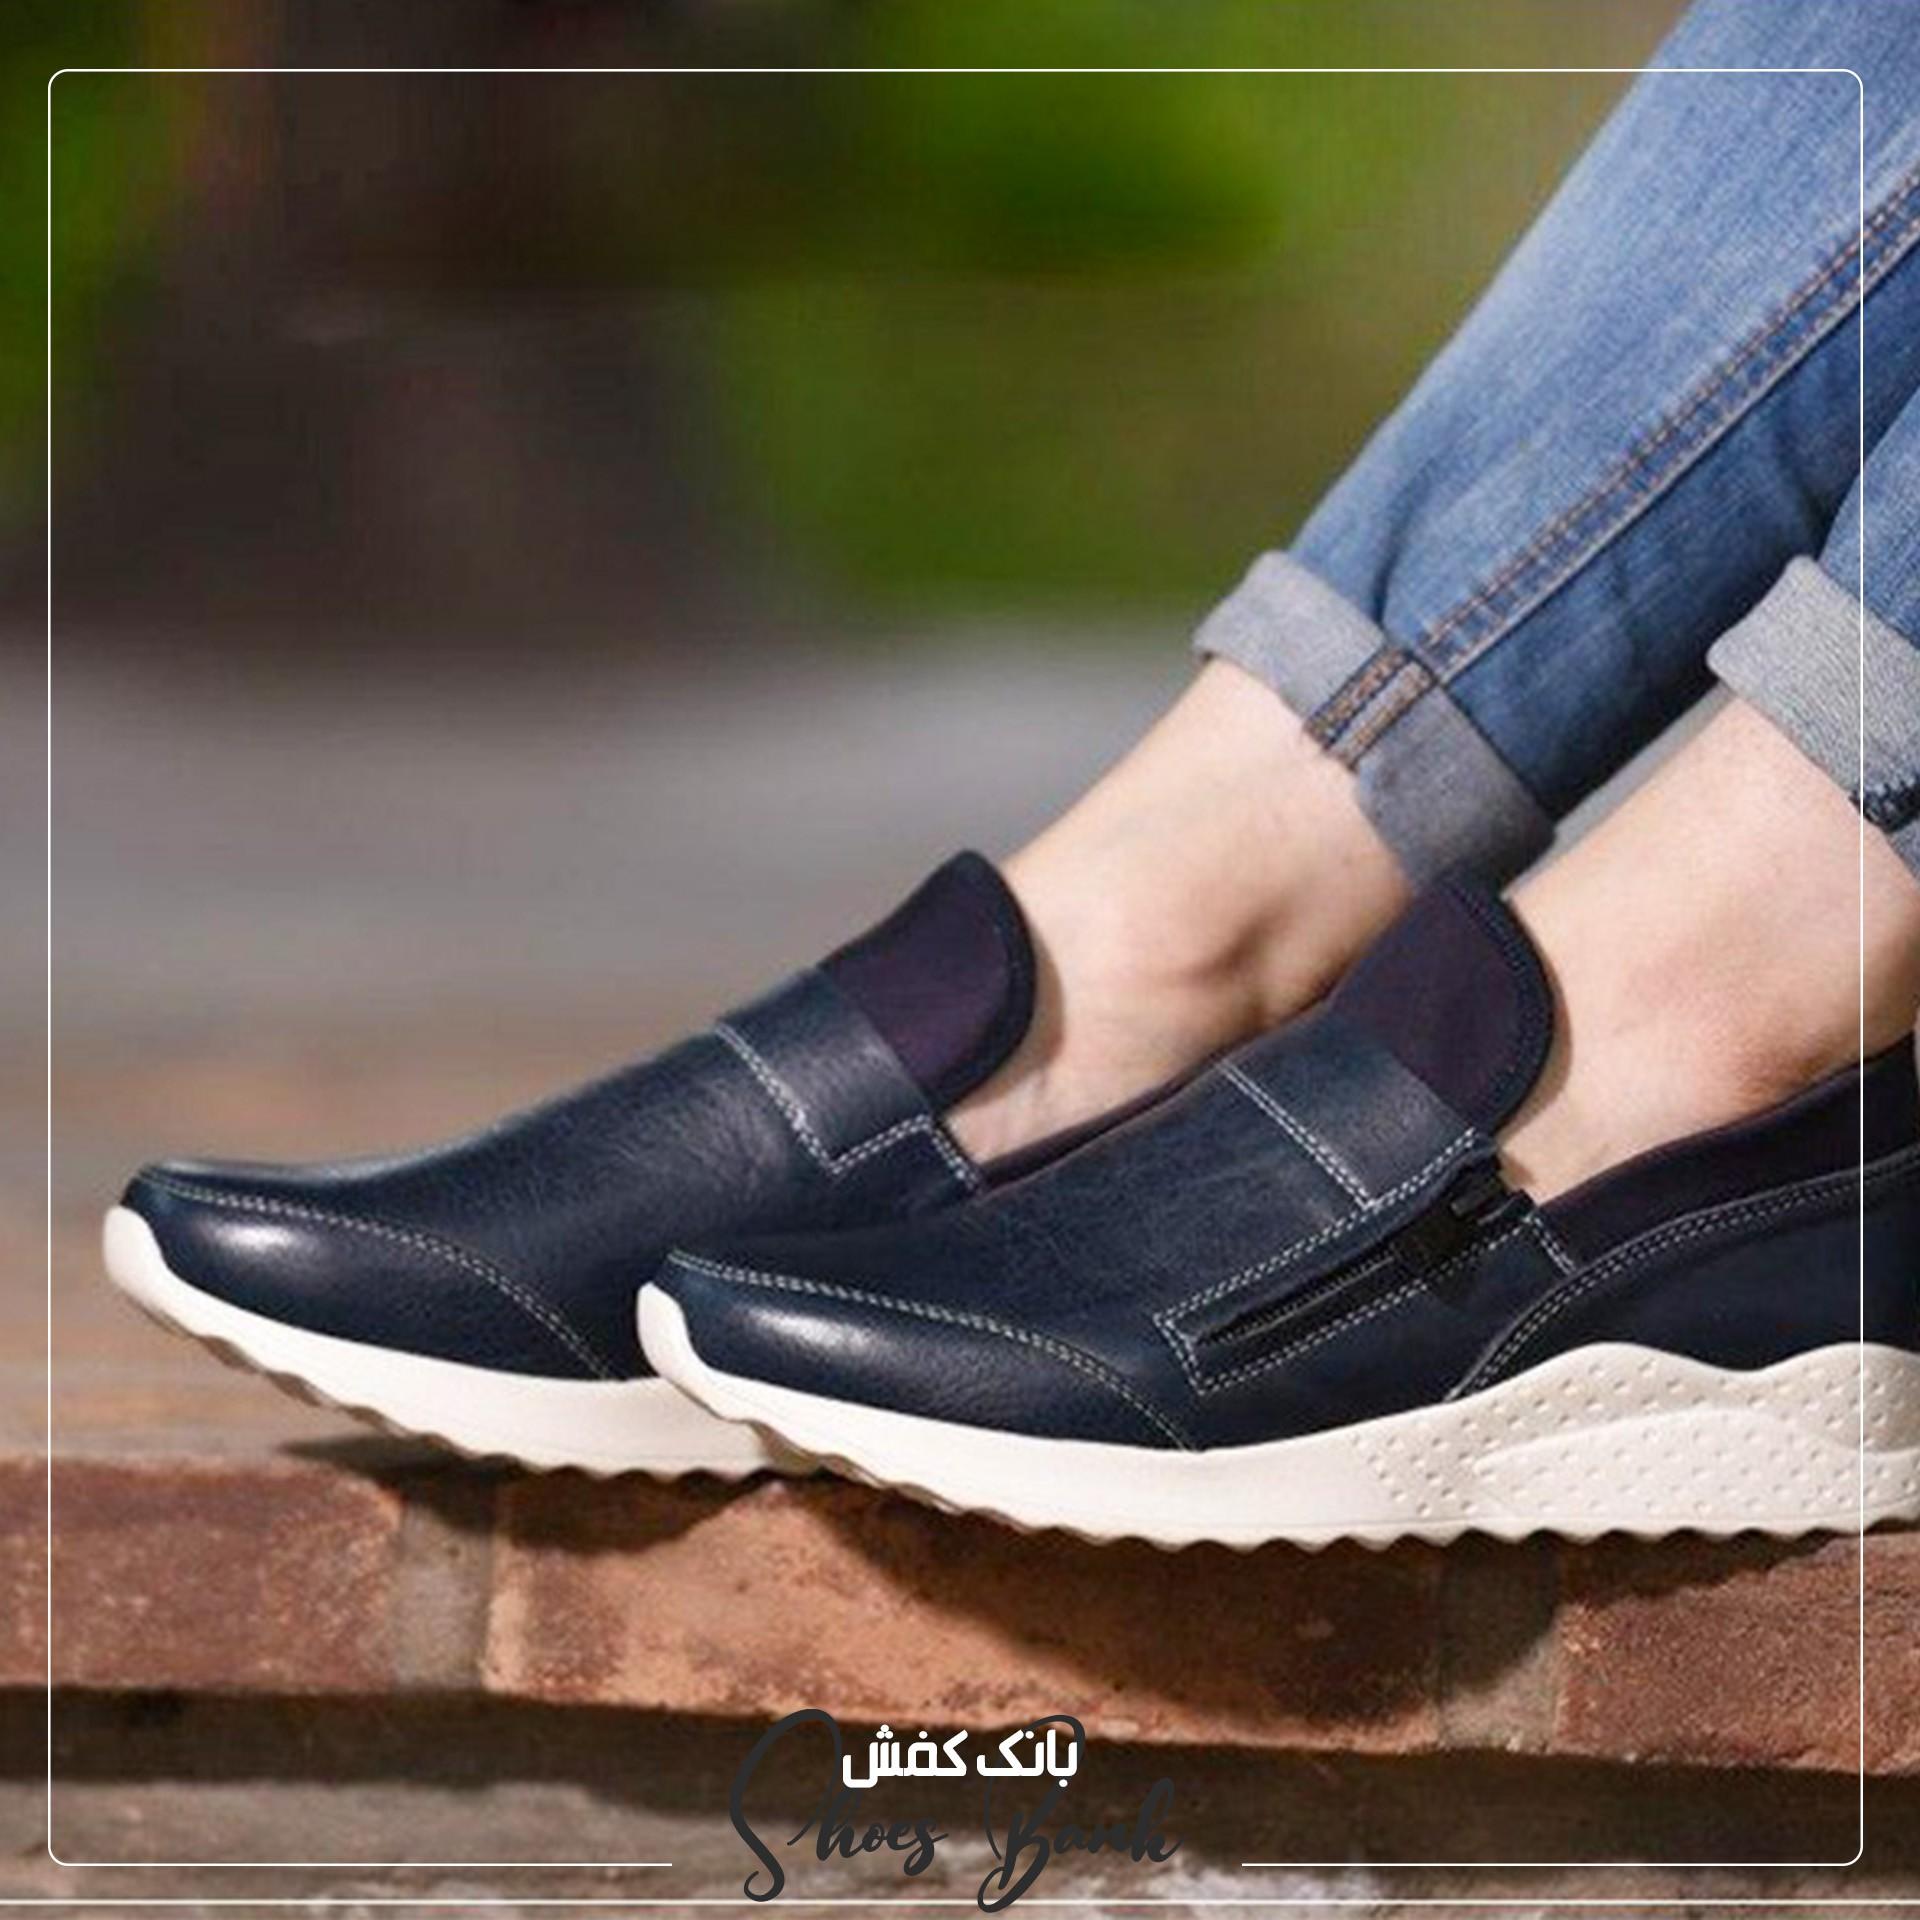 کفش طبی مناسب مانع از پیچ خوردگی و آسیب پای شما و در نهایت آرتروزخواهد بود